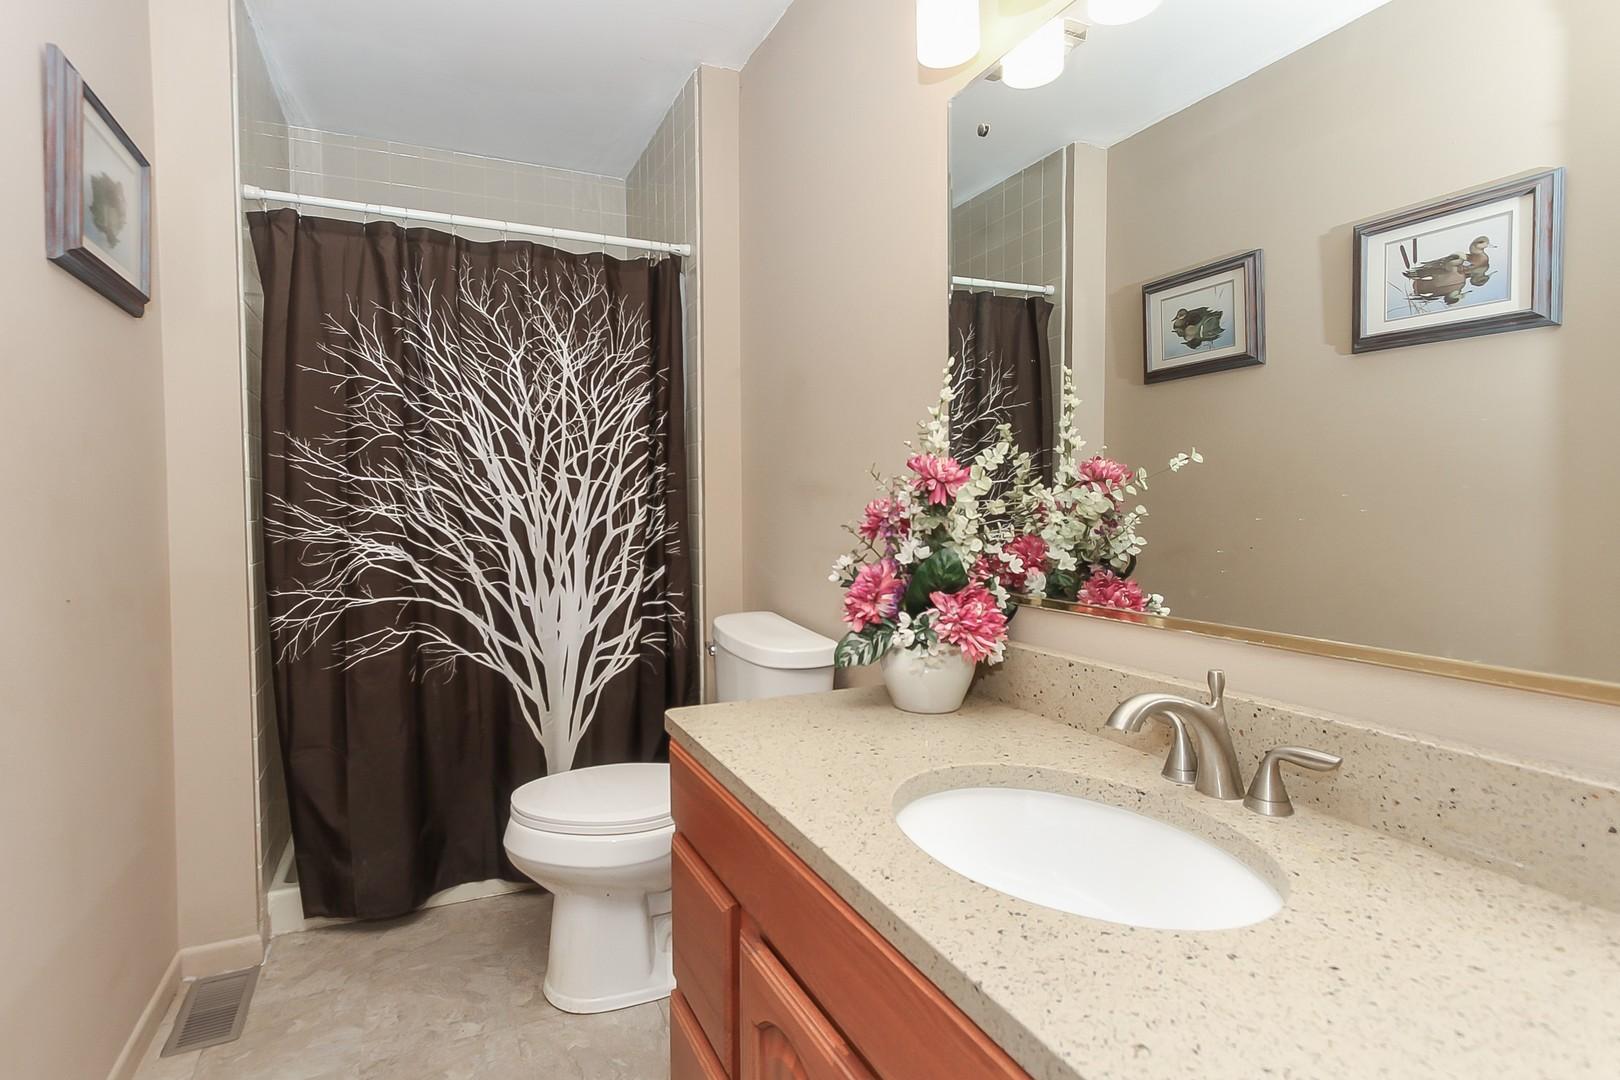 HD_1602872590472_025_Bathroom_3